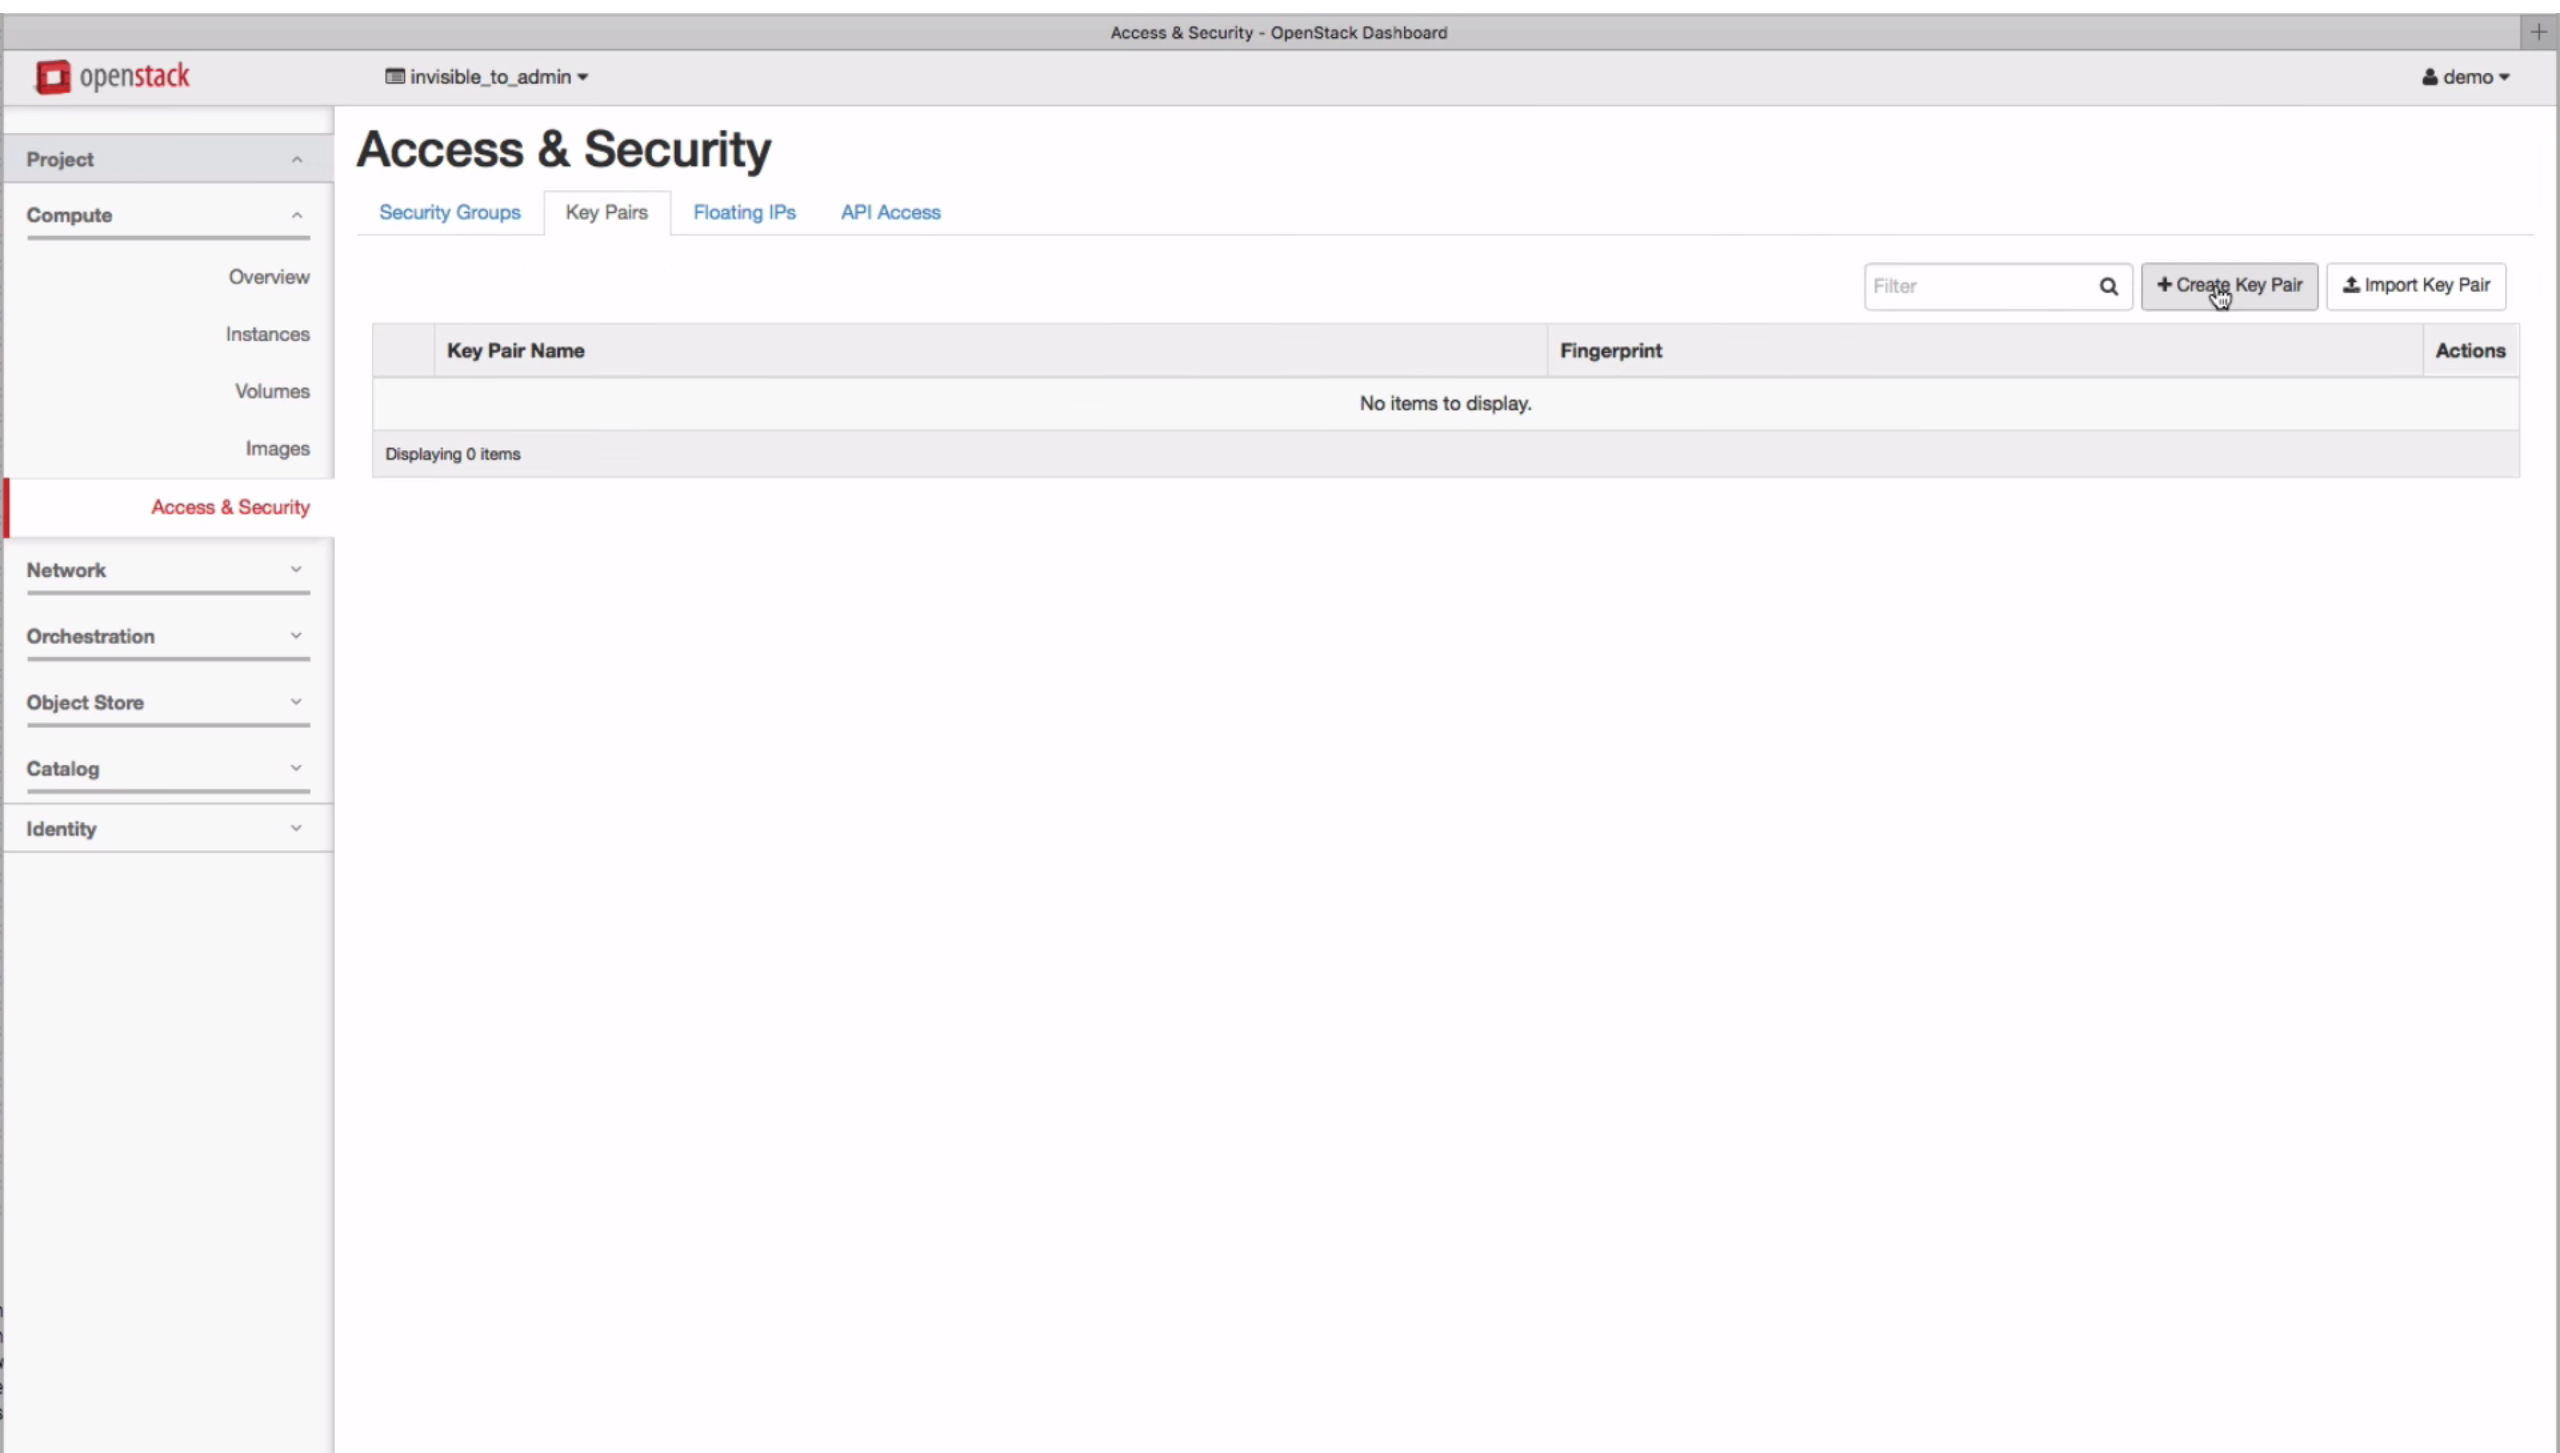 OpenStack Demo - OpenStack+.png